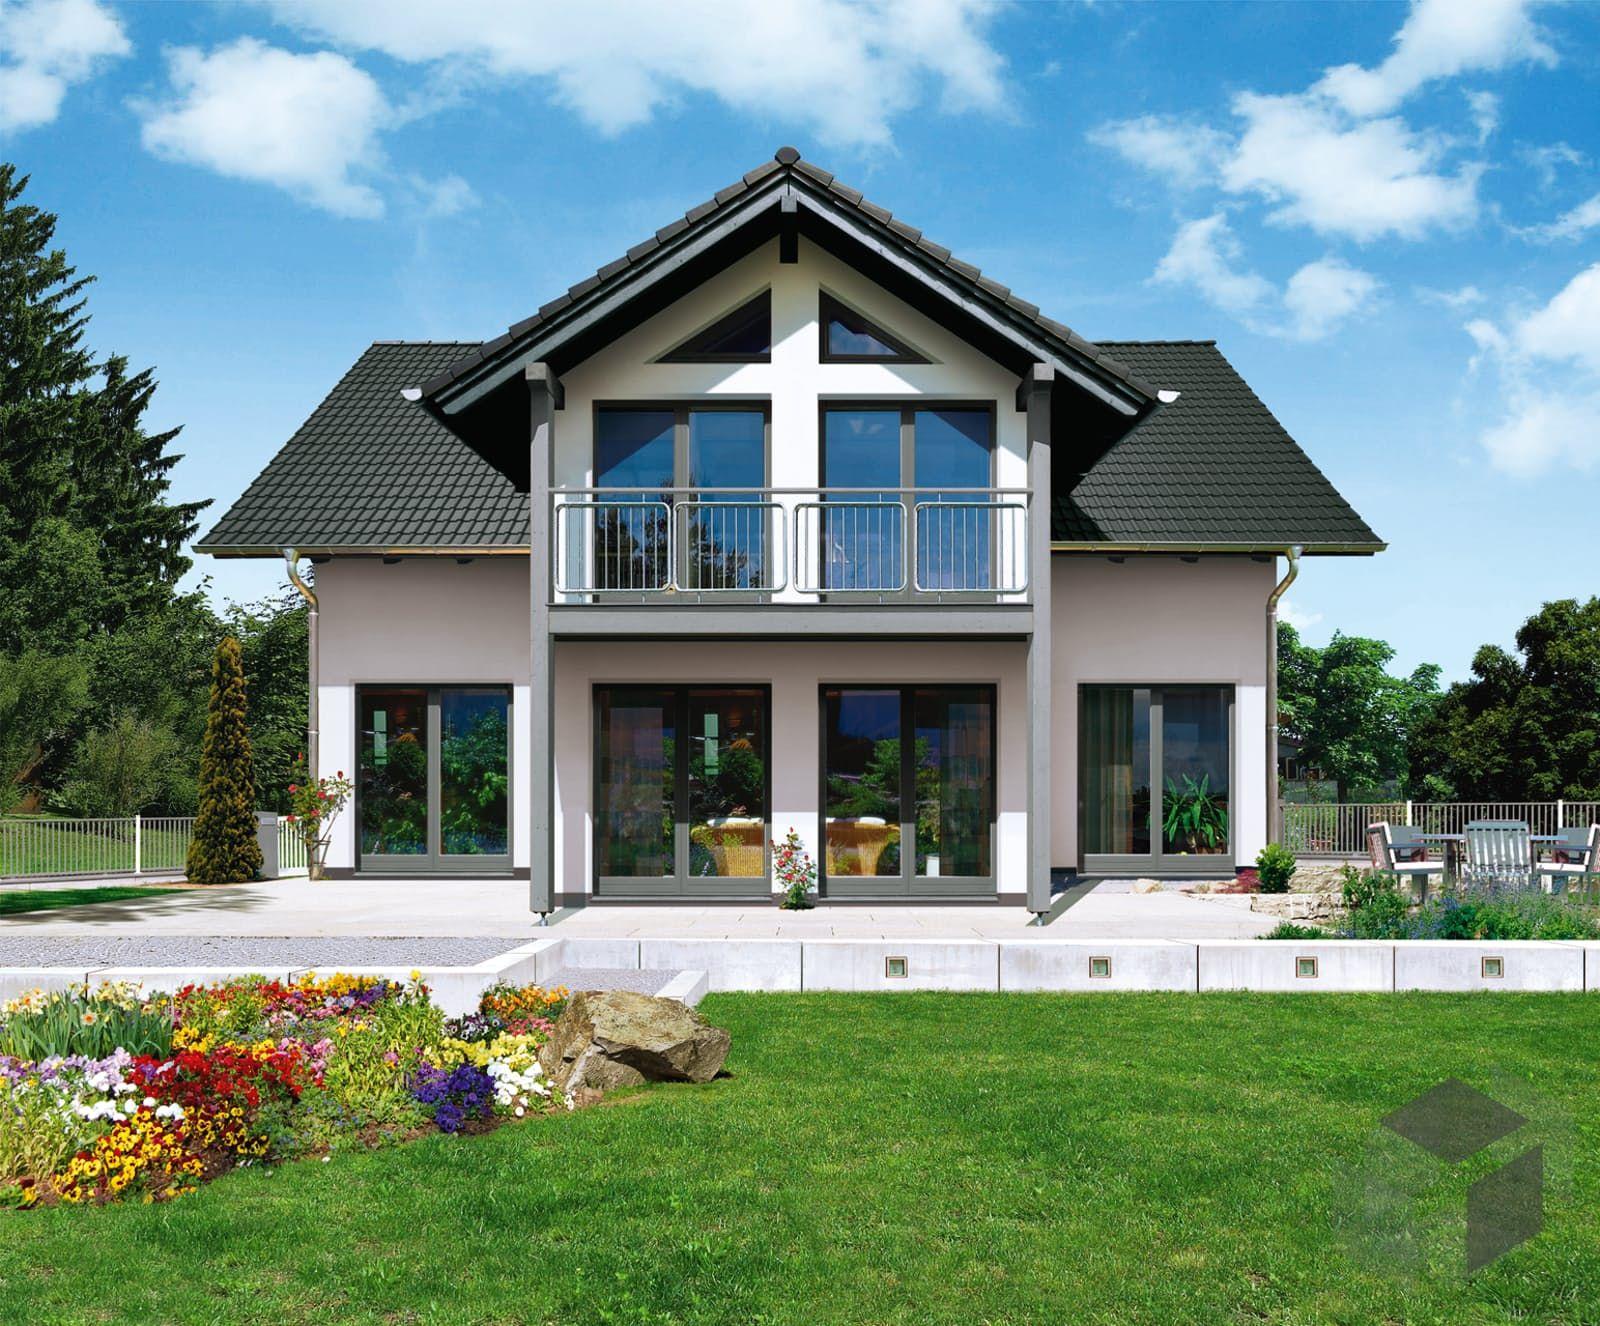 R 102.10 von Fingerhut Haus Traumhaus finden Beste